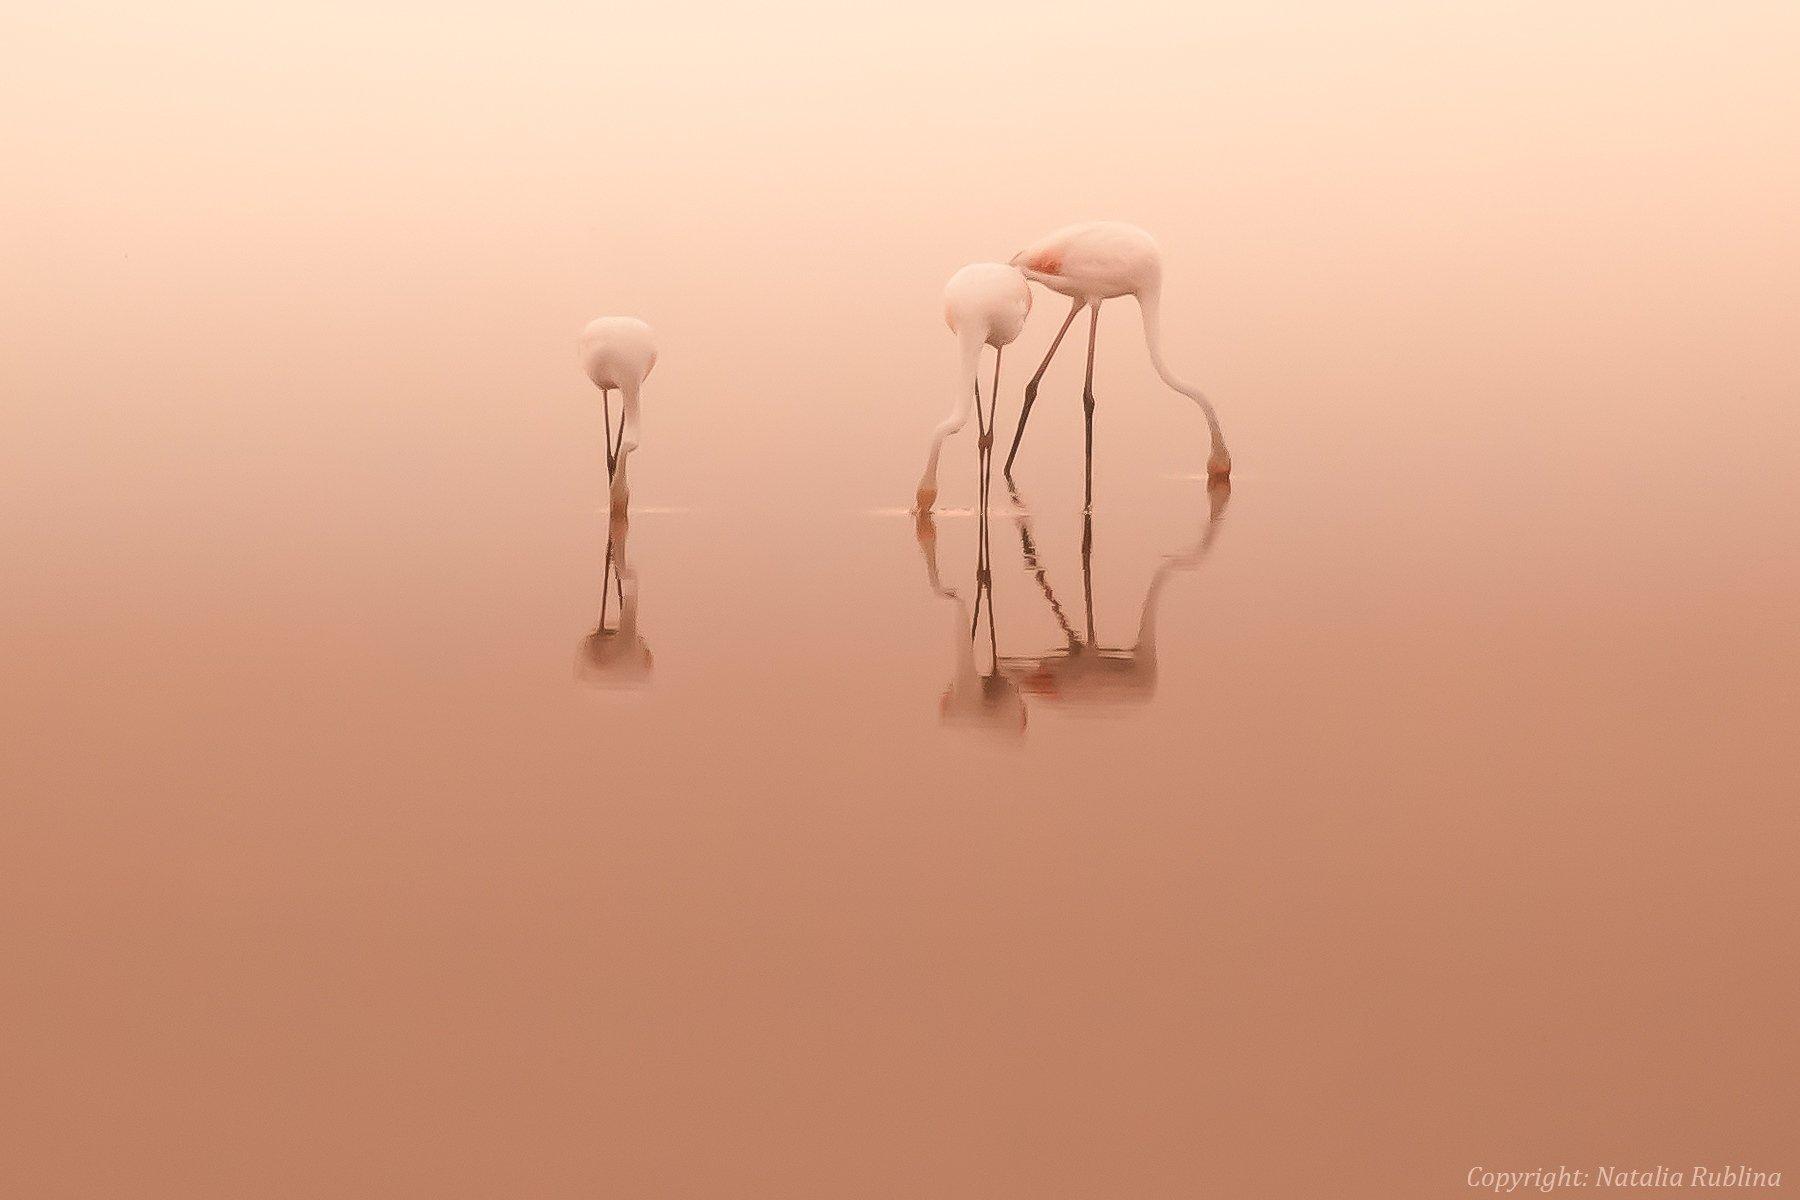 безмятежность, дитя заката, дитя рассвета, заповедник, настроение, озеро, отражения, природа, птицы, рассвет, розовый, спокойствие, тишина, трио, утро, фламинго, Наталья Рублина